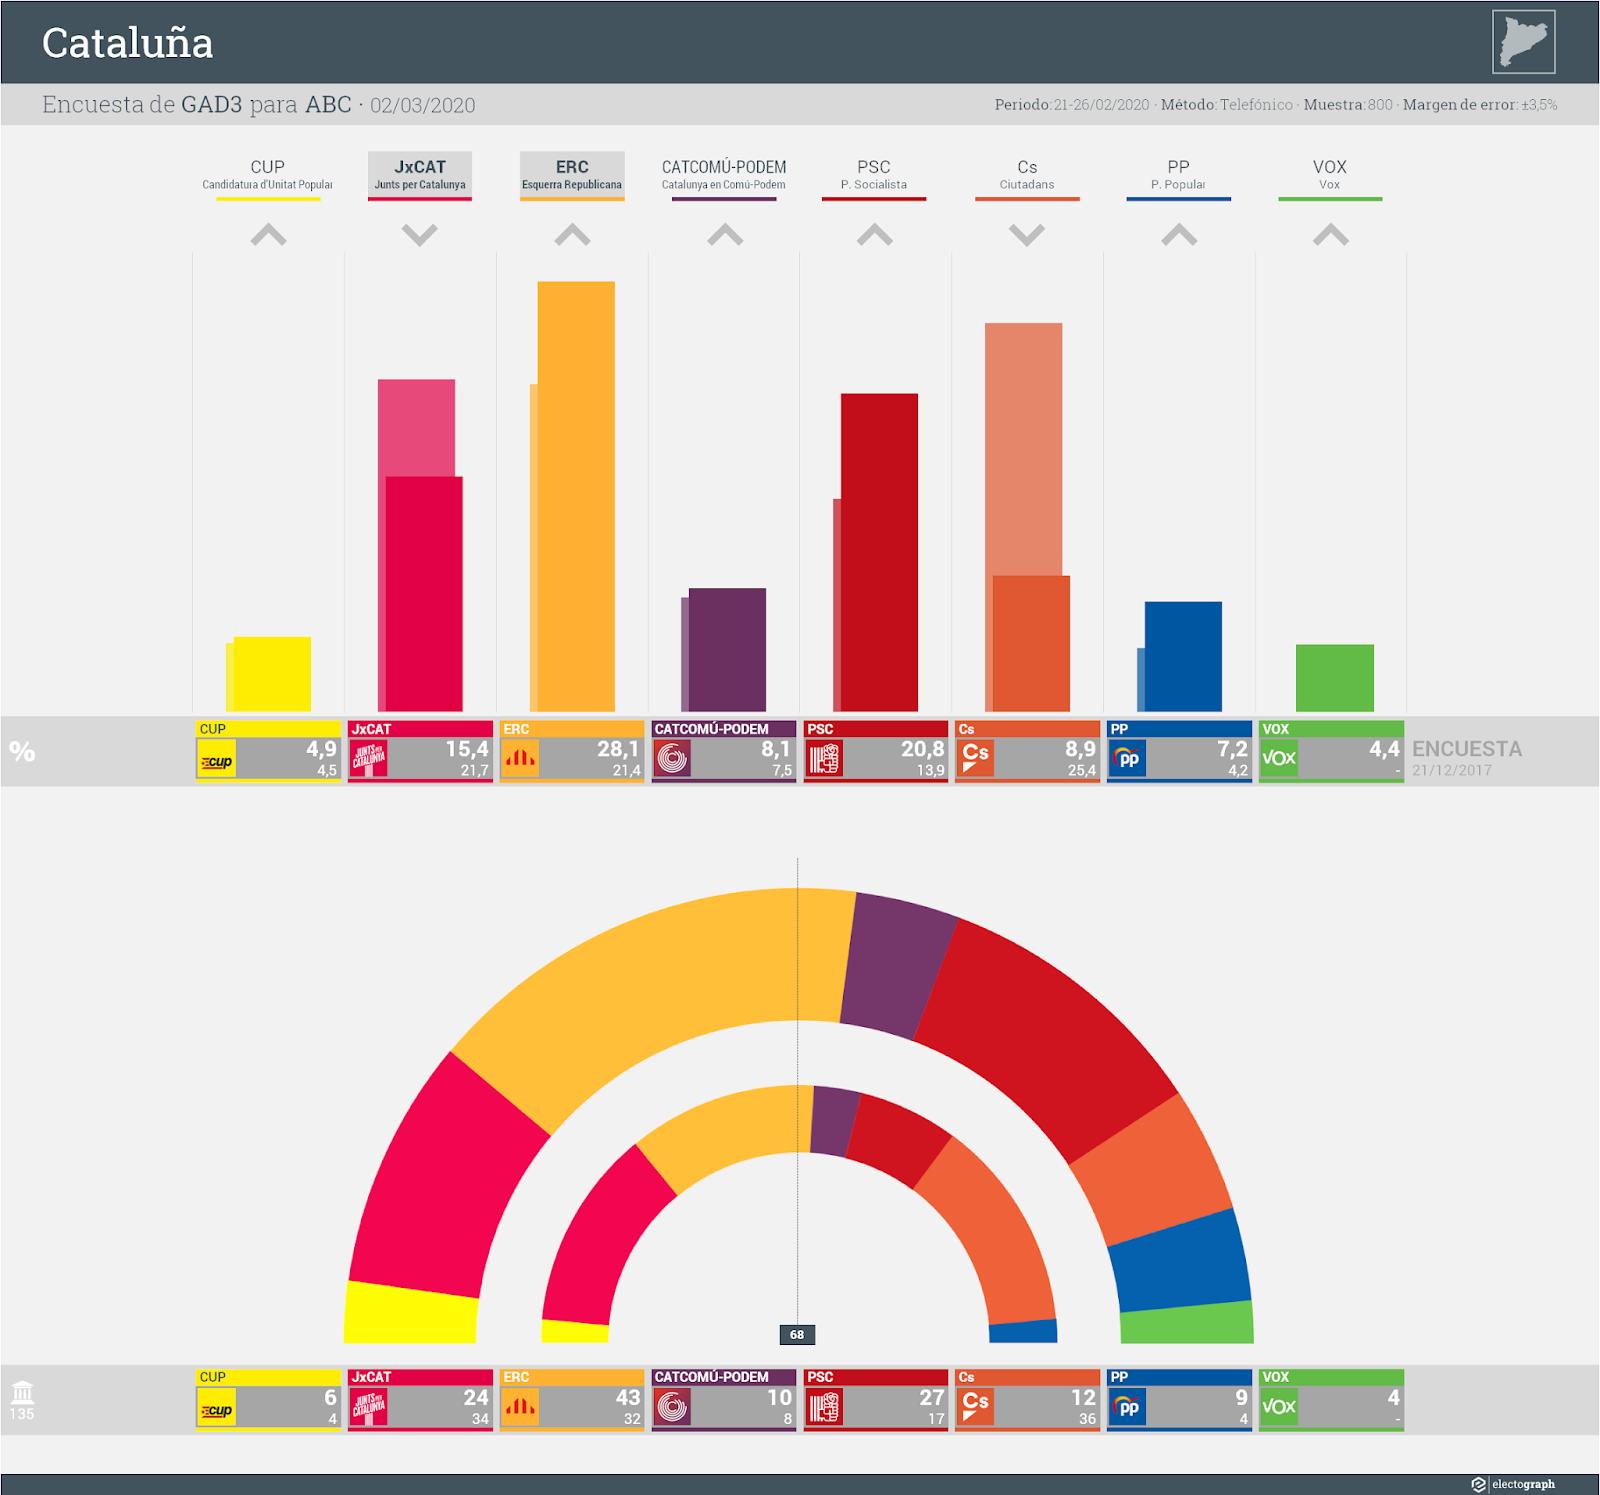 Gráfico de la encuesta para elecciones generales en Cataluña realizada por GAD3 para ABC, 2 de marzo de 2020